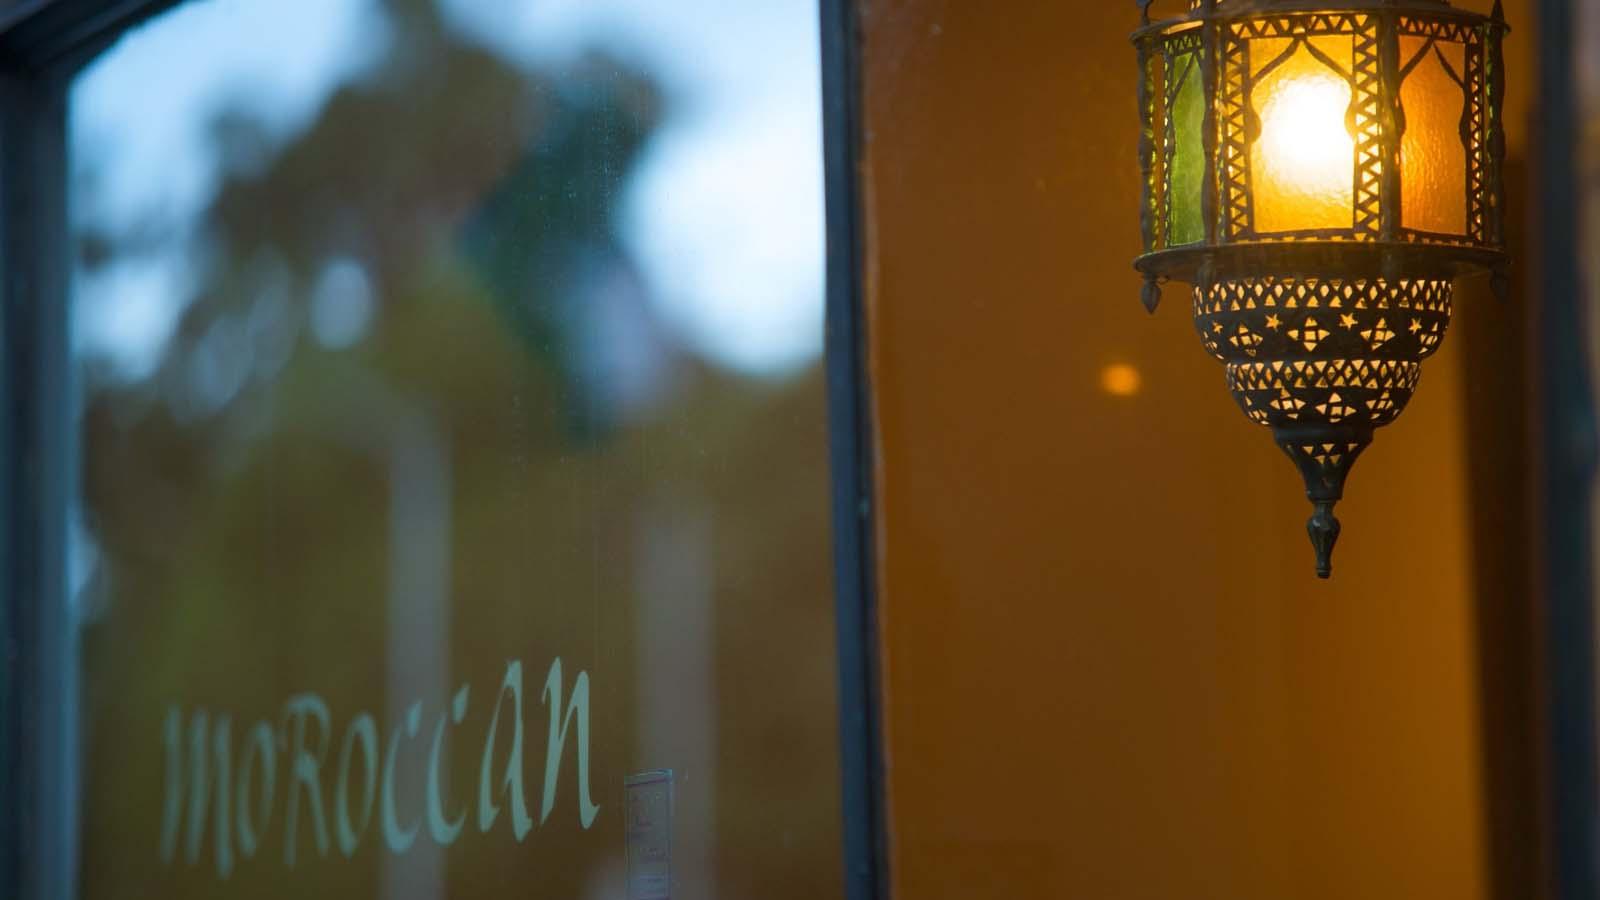 Moroccan Soup Bar, Fitzroy North, Melbourne, Victoria, Australia